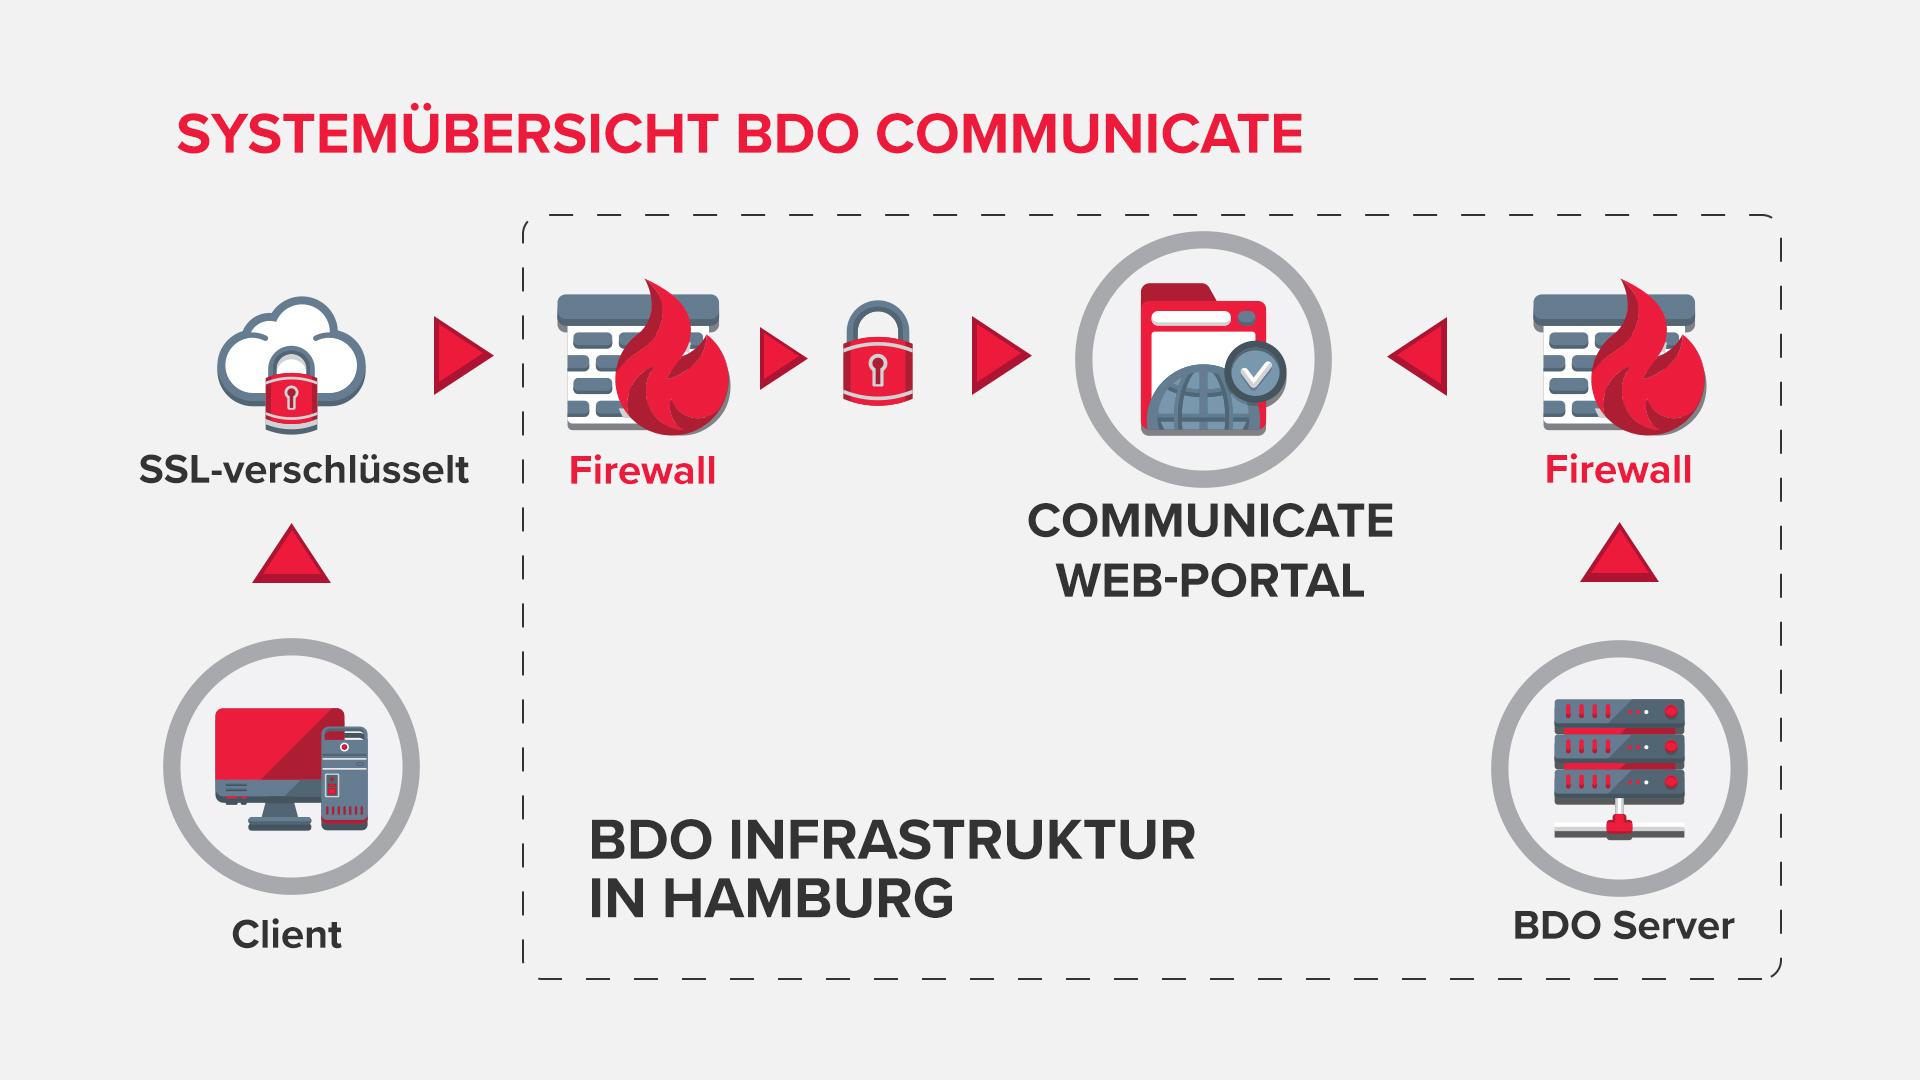 Systemübersicht BDO Communicate